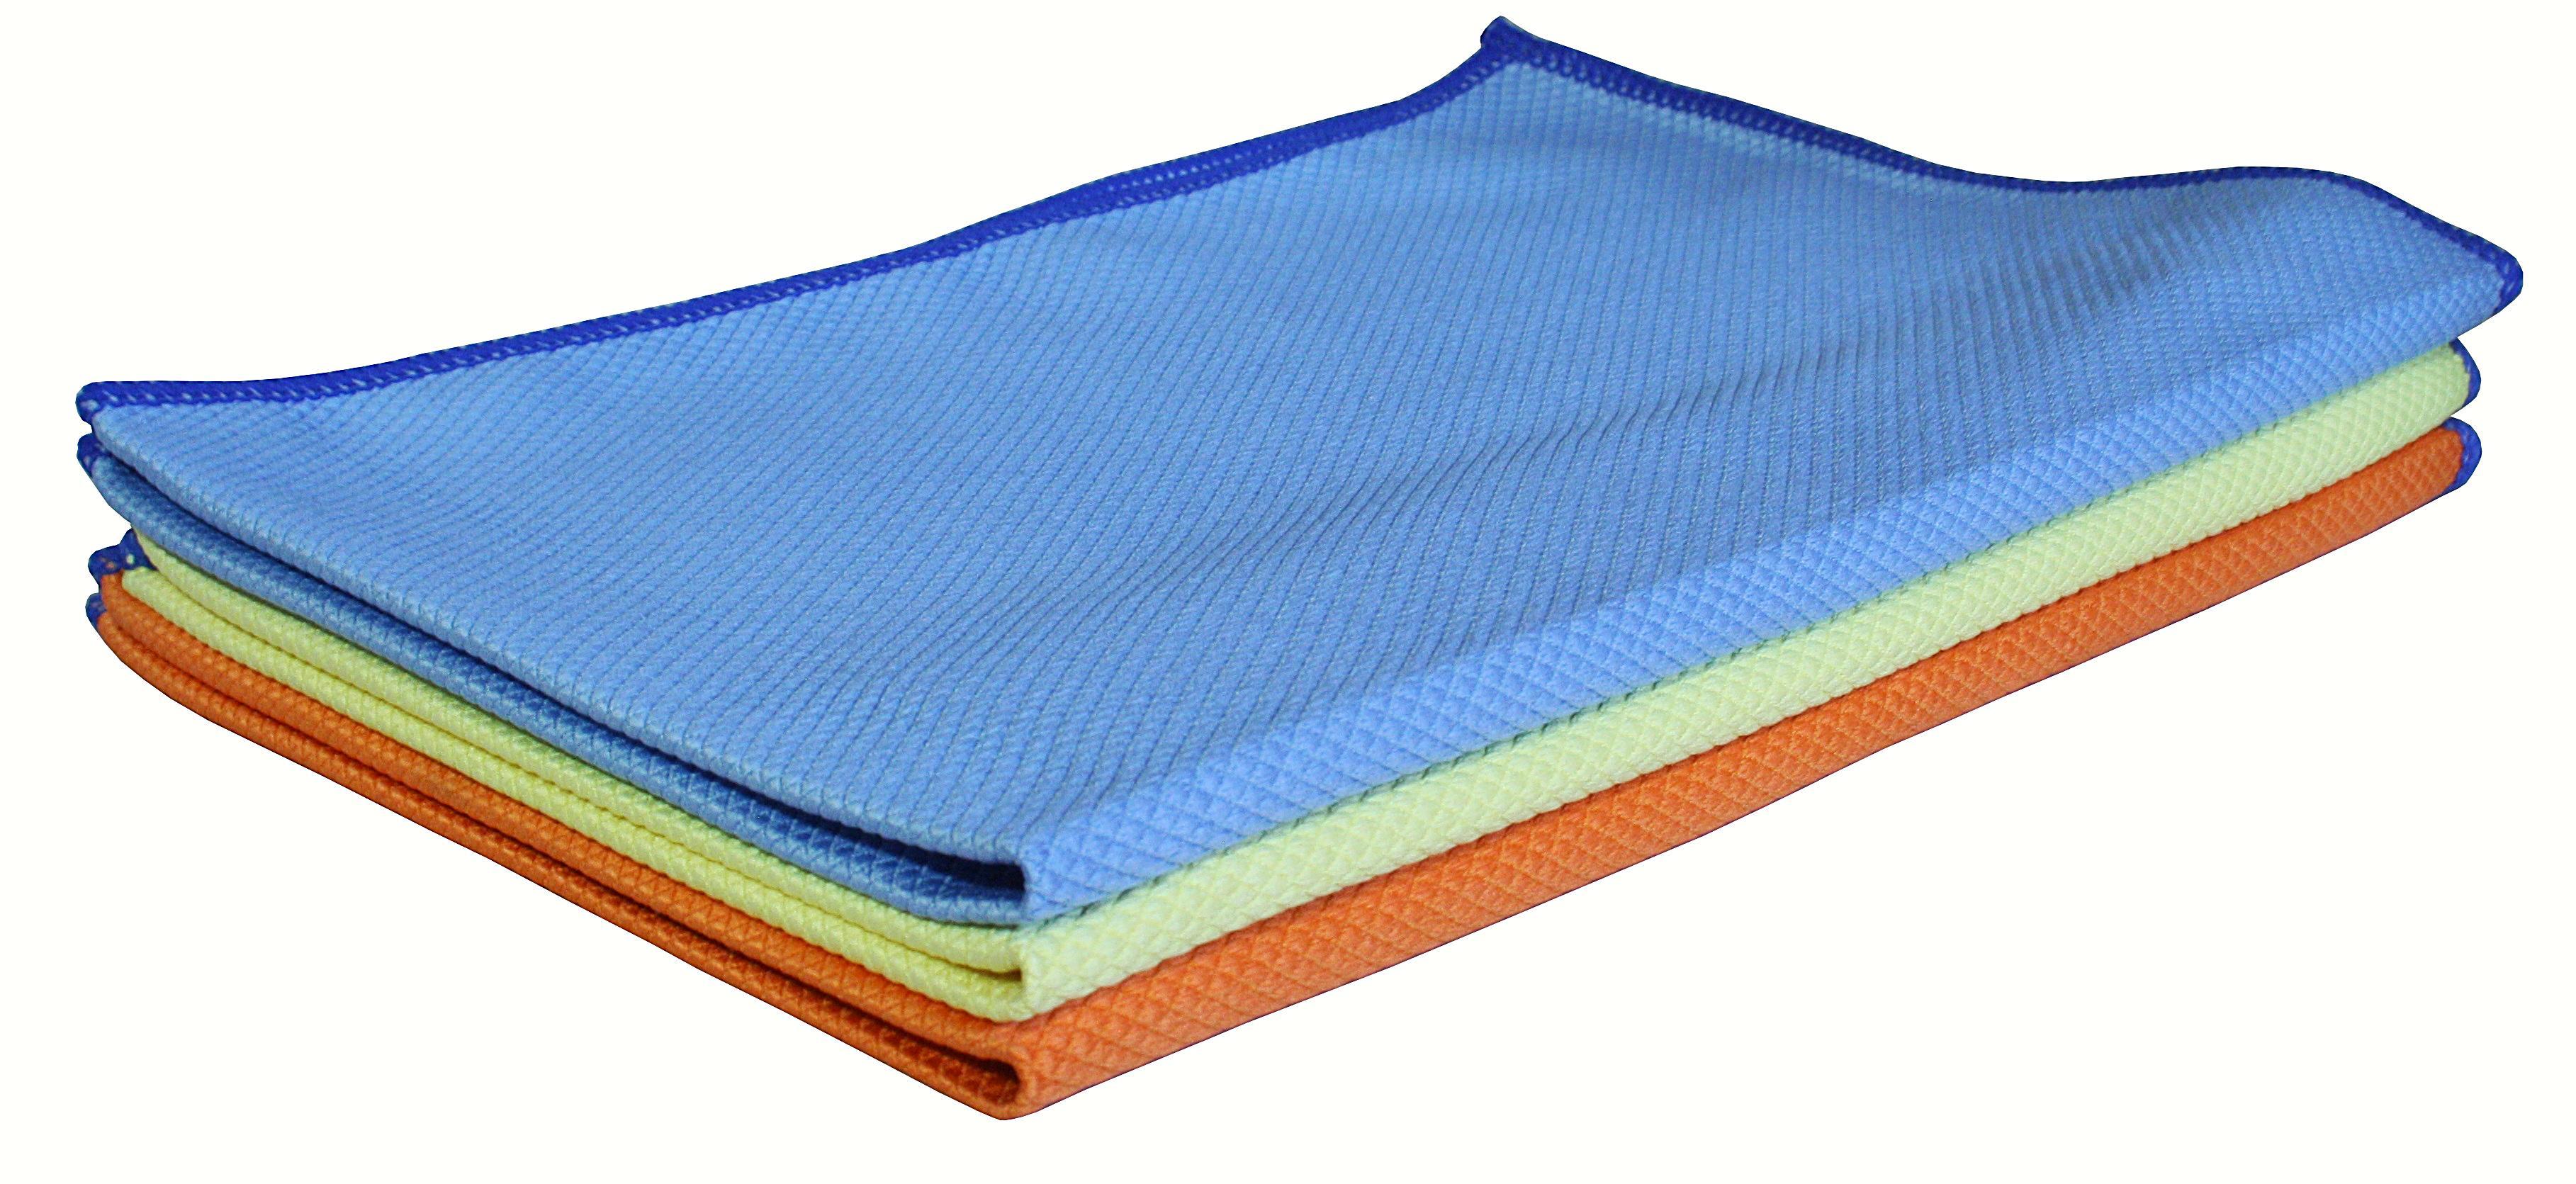 Aqua Clean KOI Tücher  Fenstertuch 3er Set 40 x 60 cm Fenstertücher Set  KOITUCH